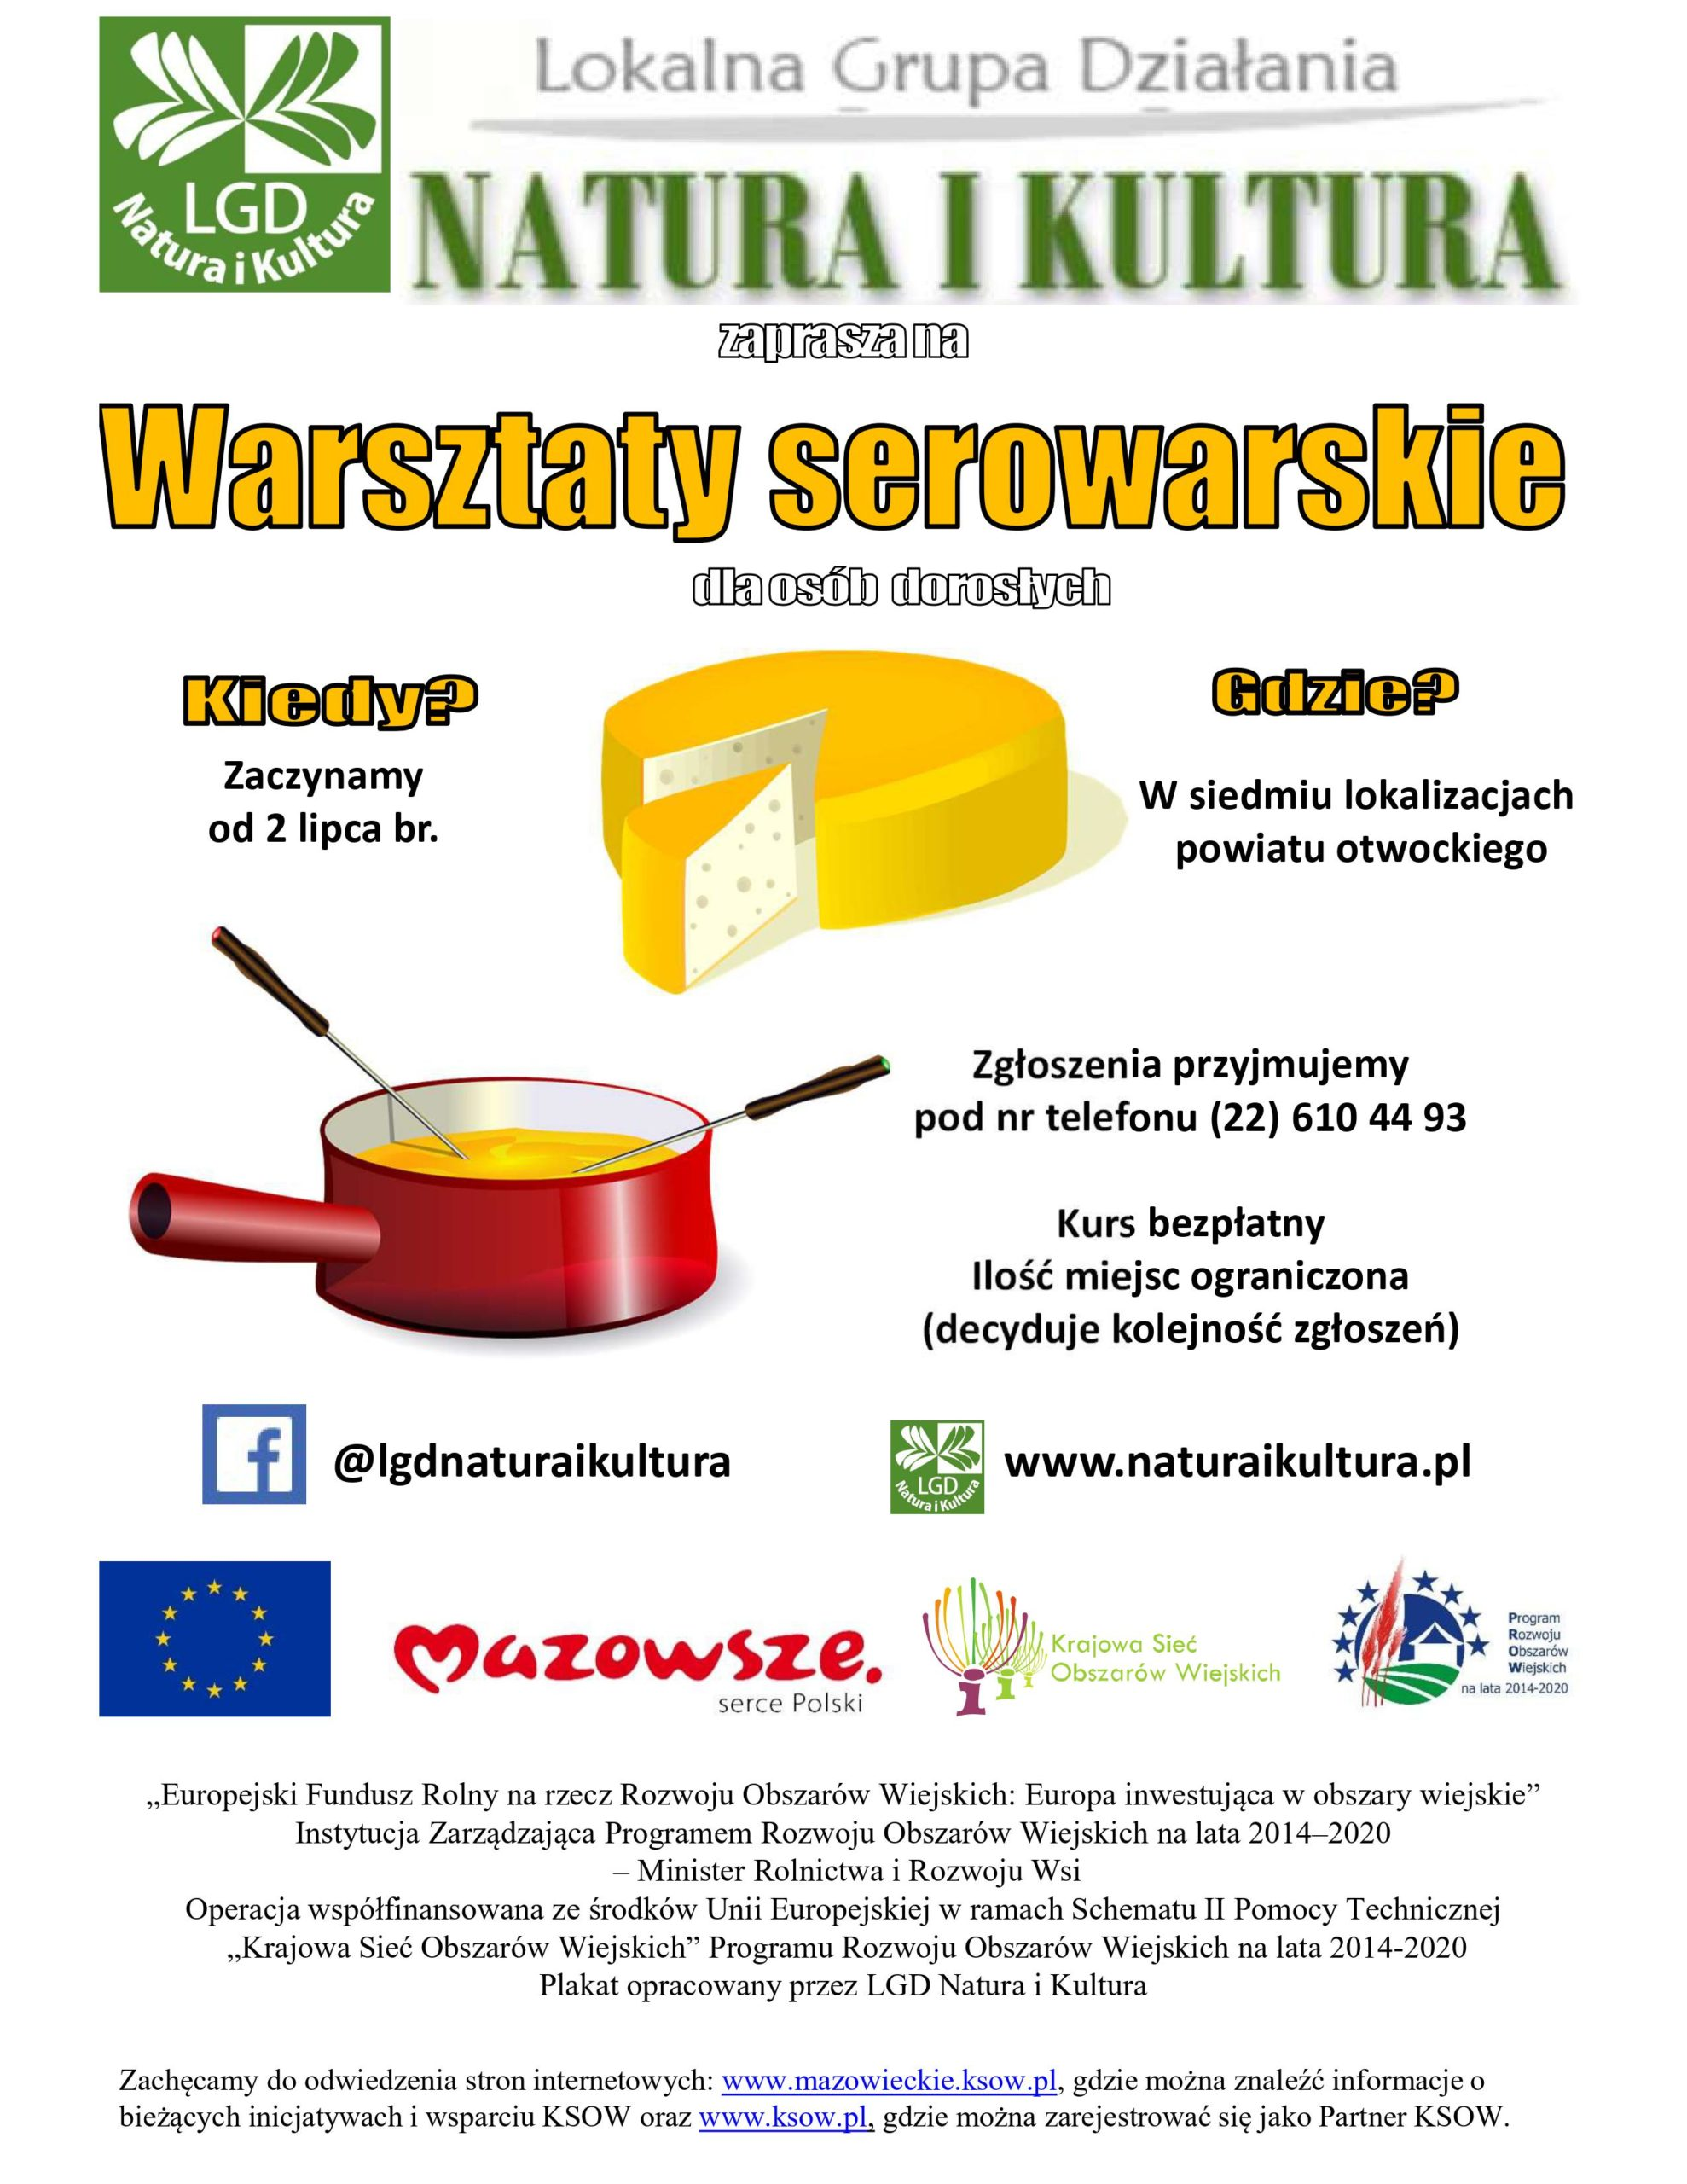 Plakat informujący o zapisach na warsztaty serowarskie organizowane przez LGD Natura i Kultura